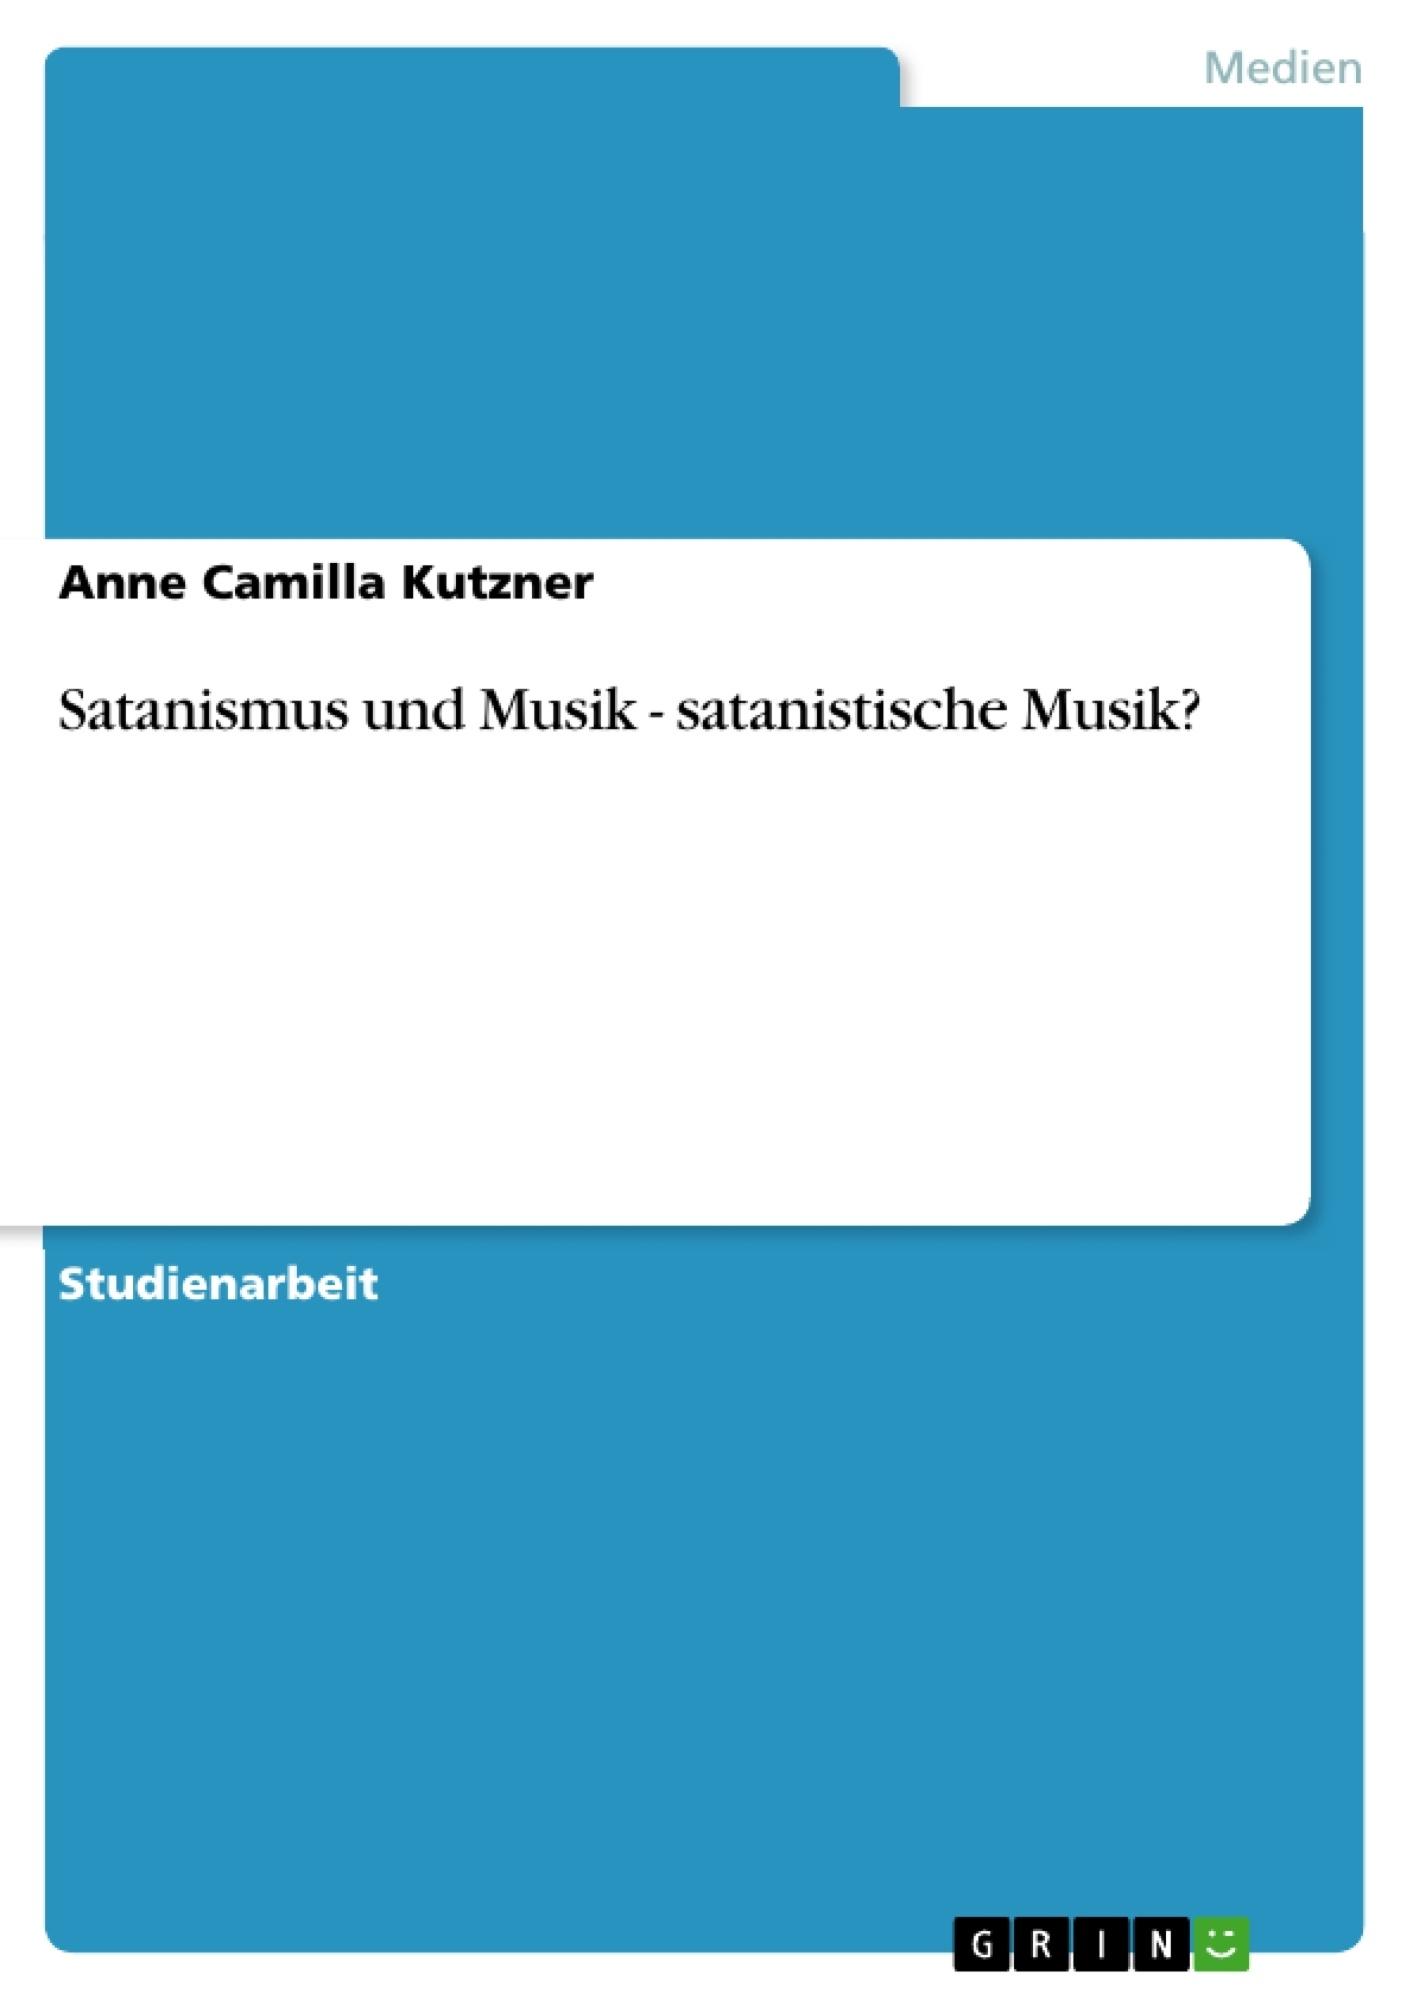 Titel: Satanismus und Musik - satanistische Musik?